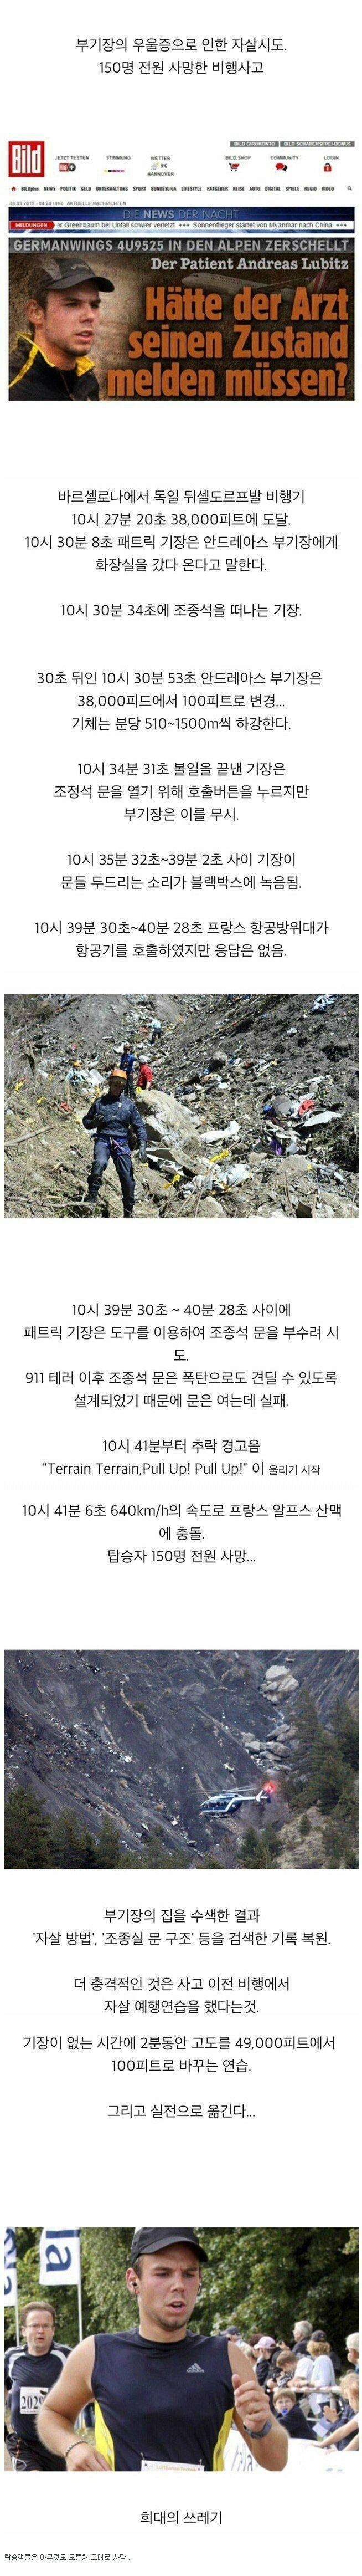 GA05b86aa170ae50.jpg 비행기 부기장의 자살